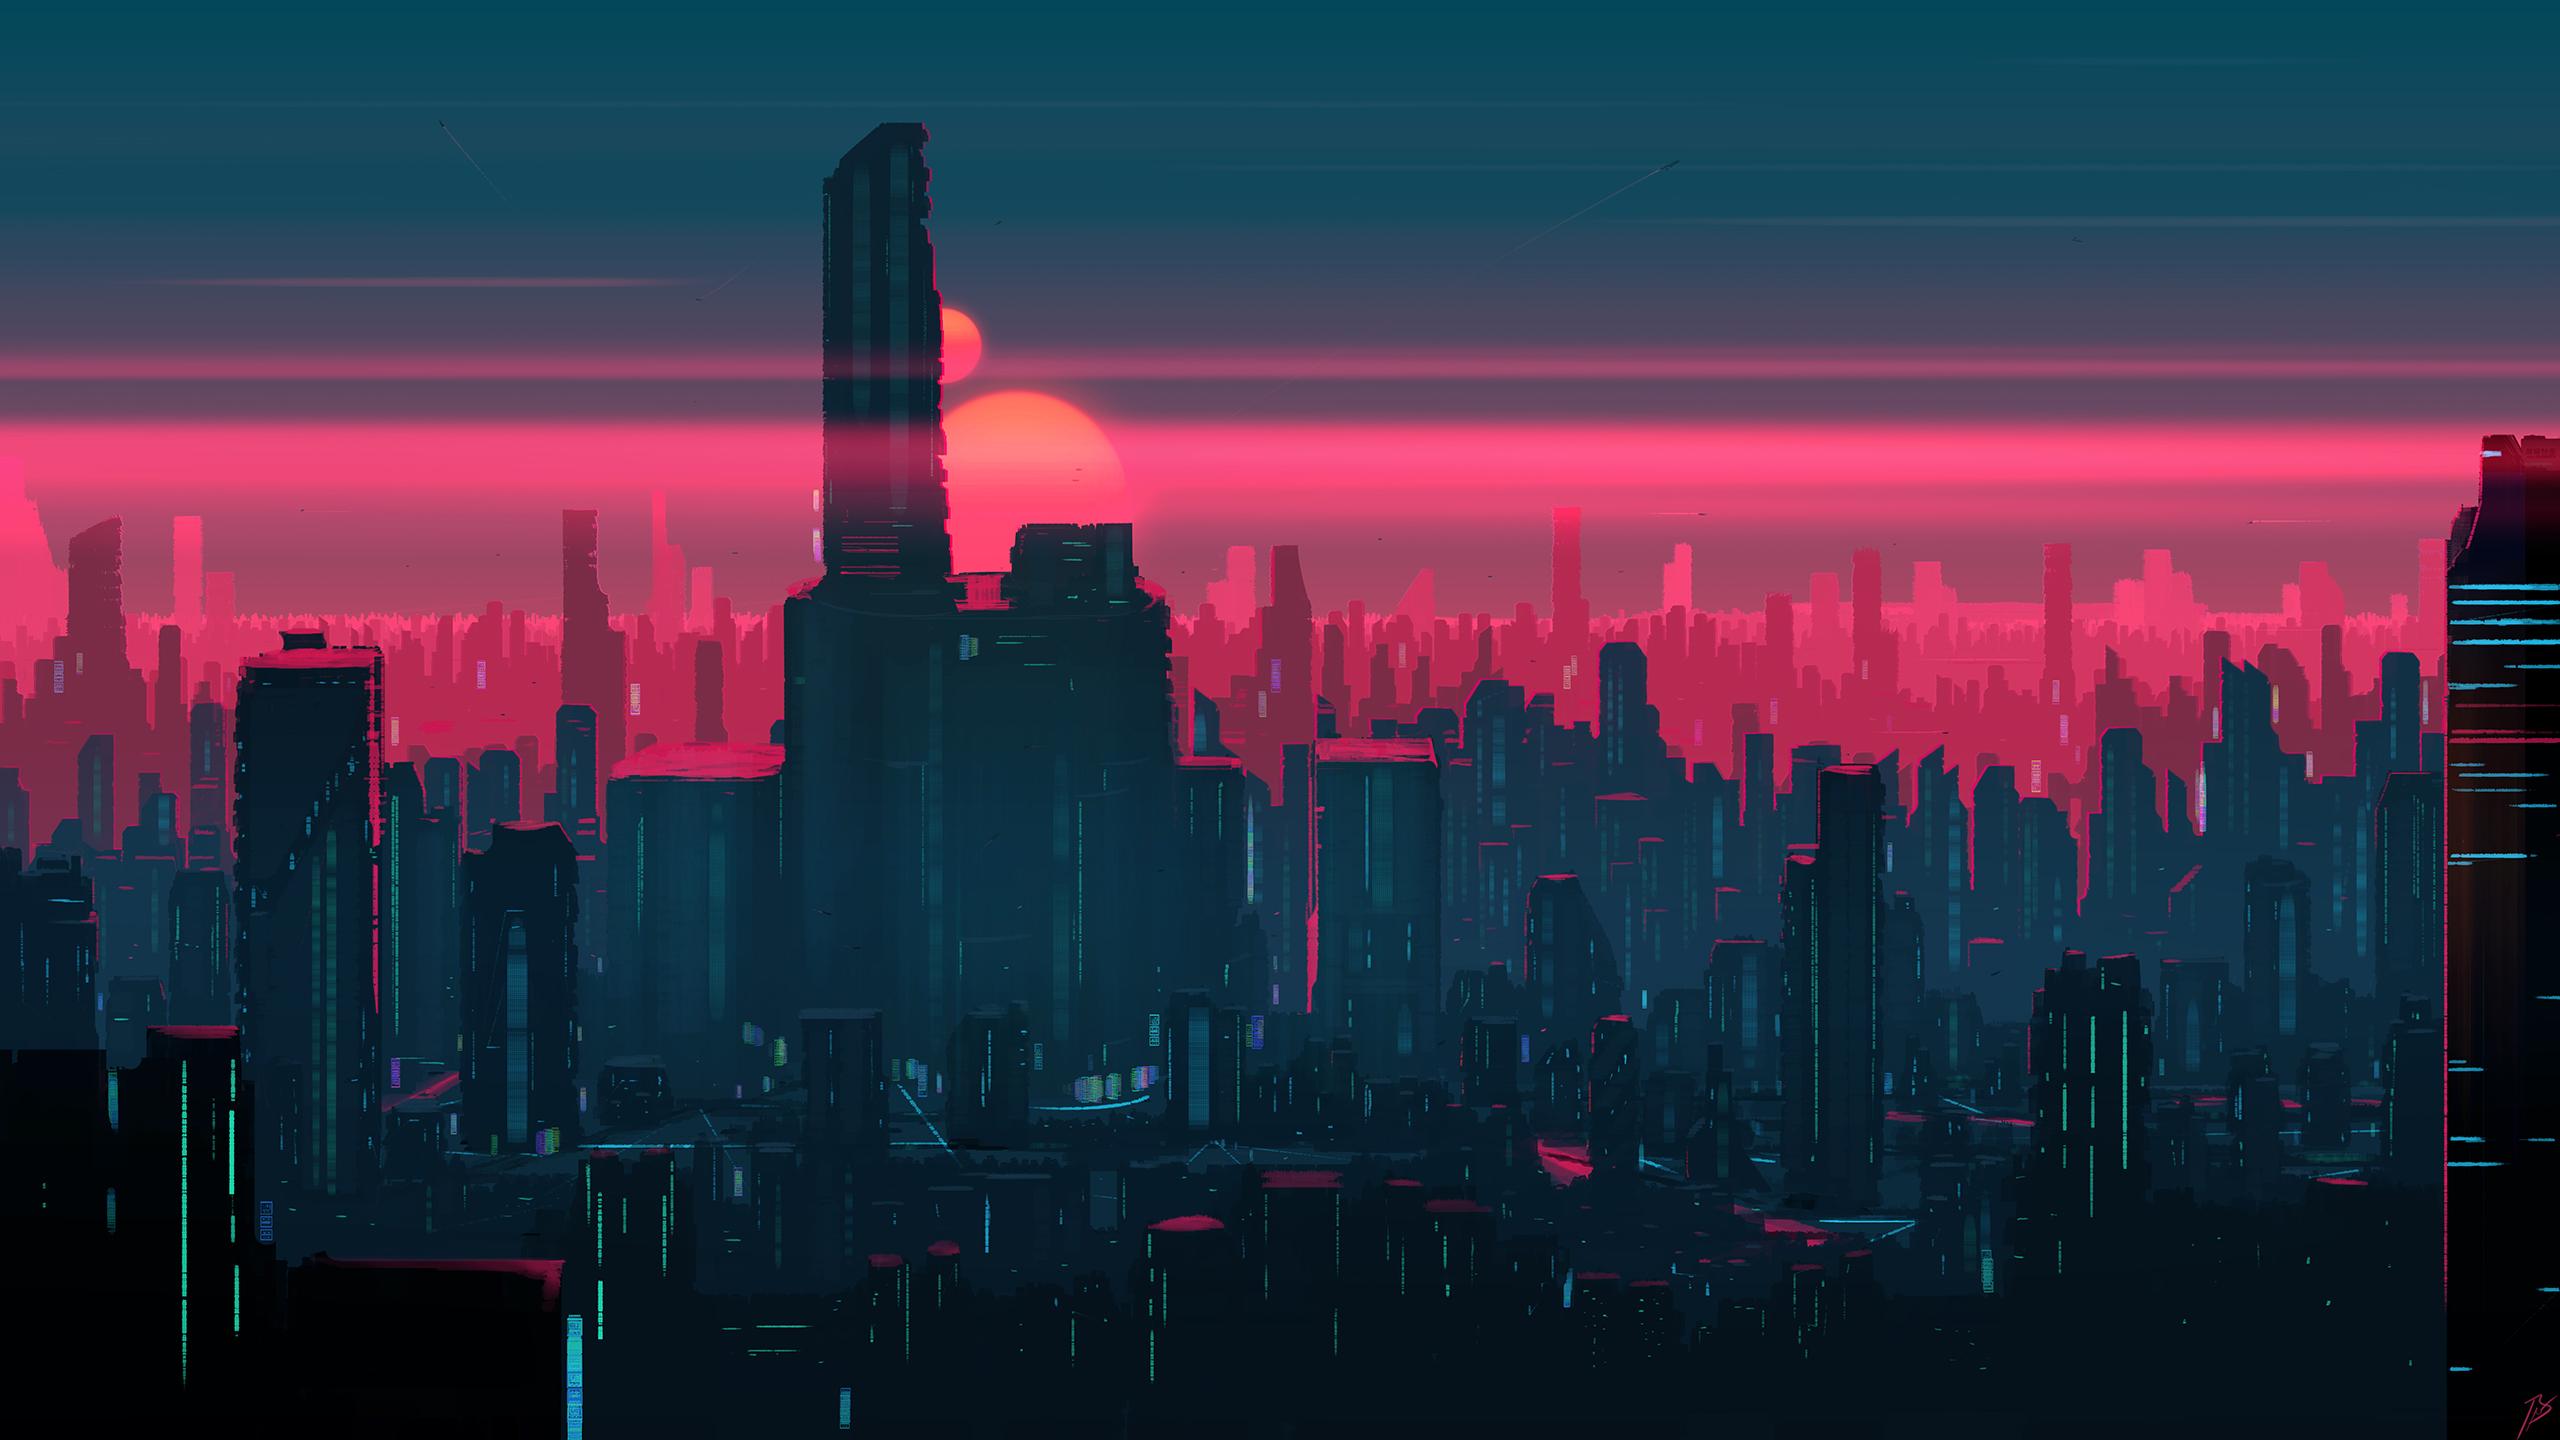 Cityscape Building Skyscraper Futuristic 2560x1440